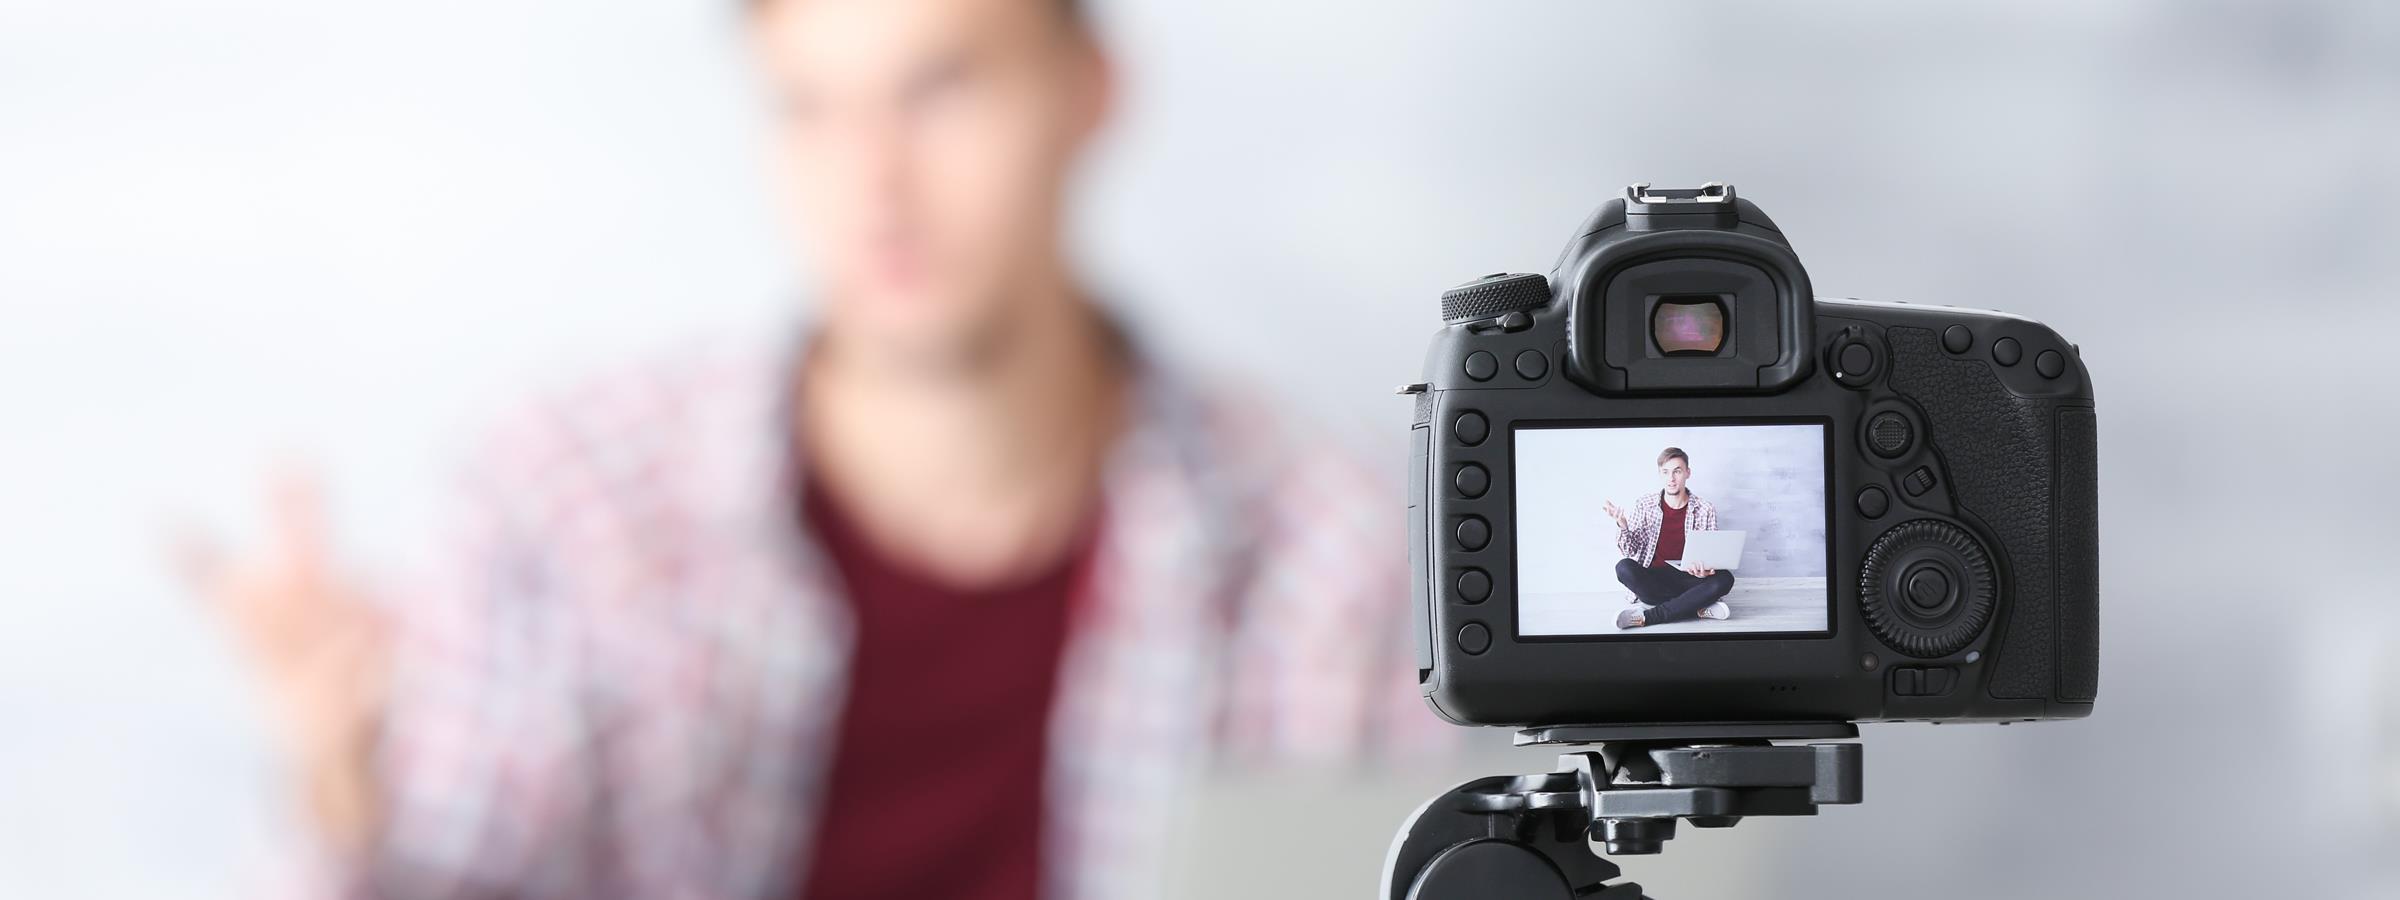 hogyan lehet meghosszabbítani az erekciót néz video